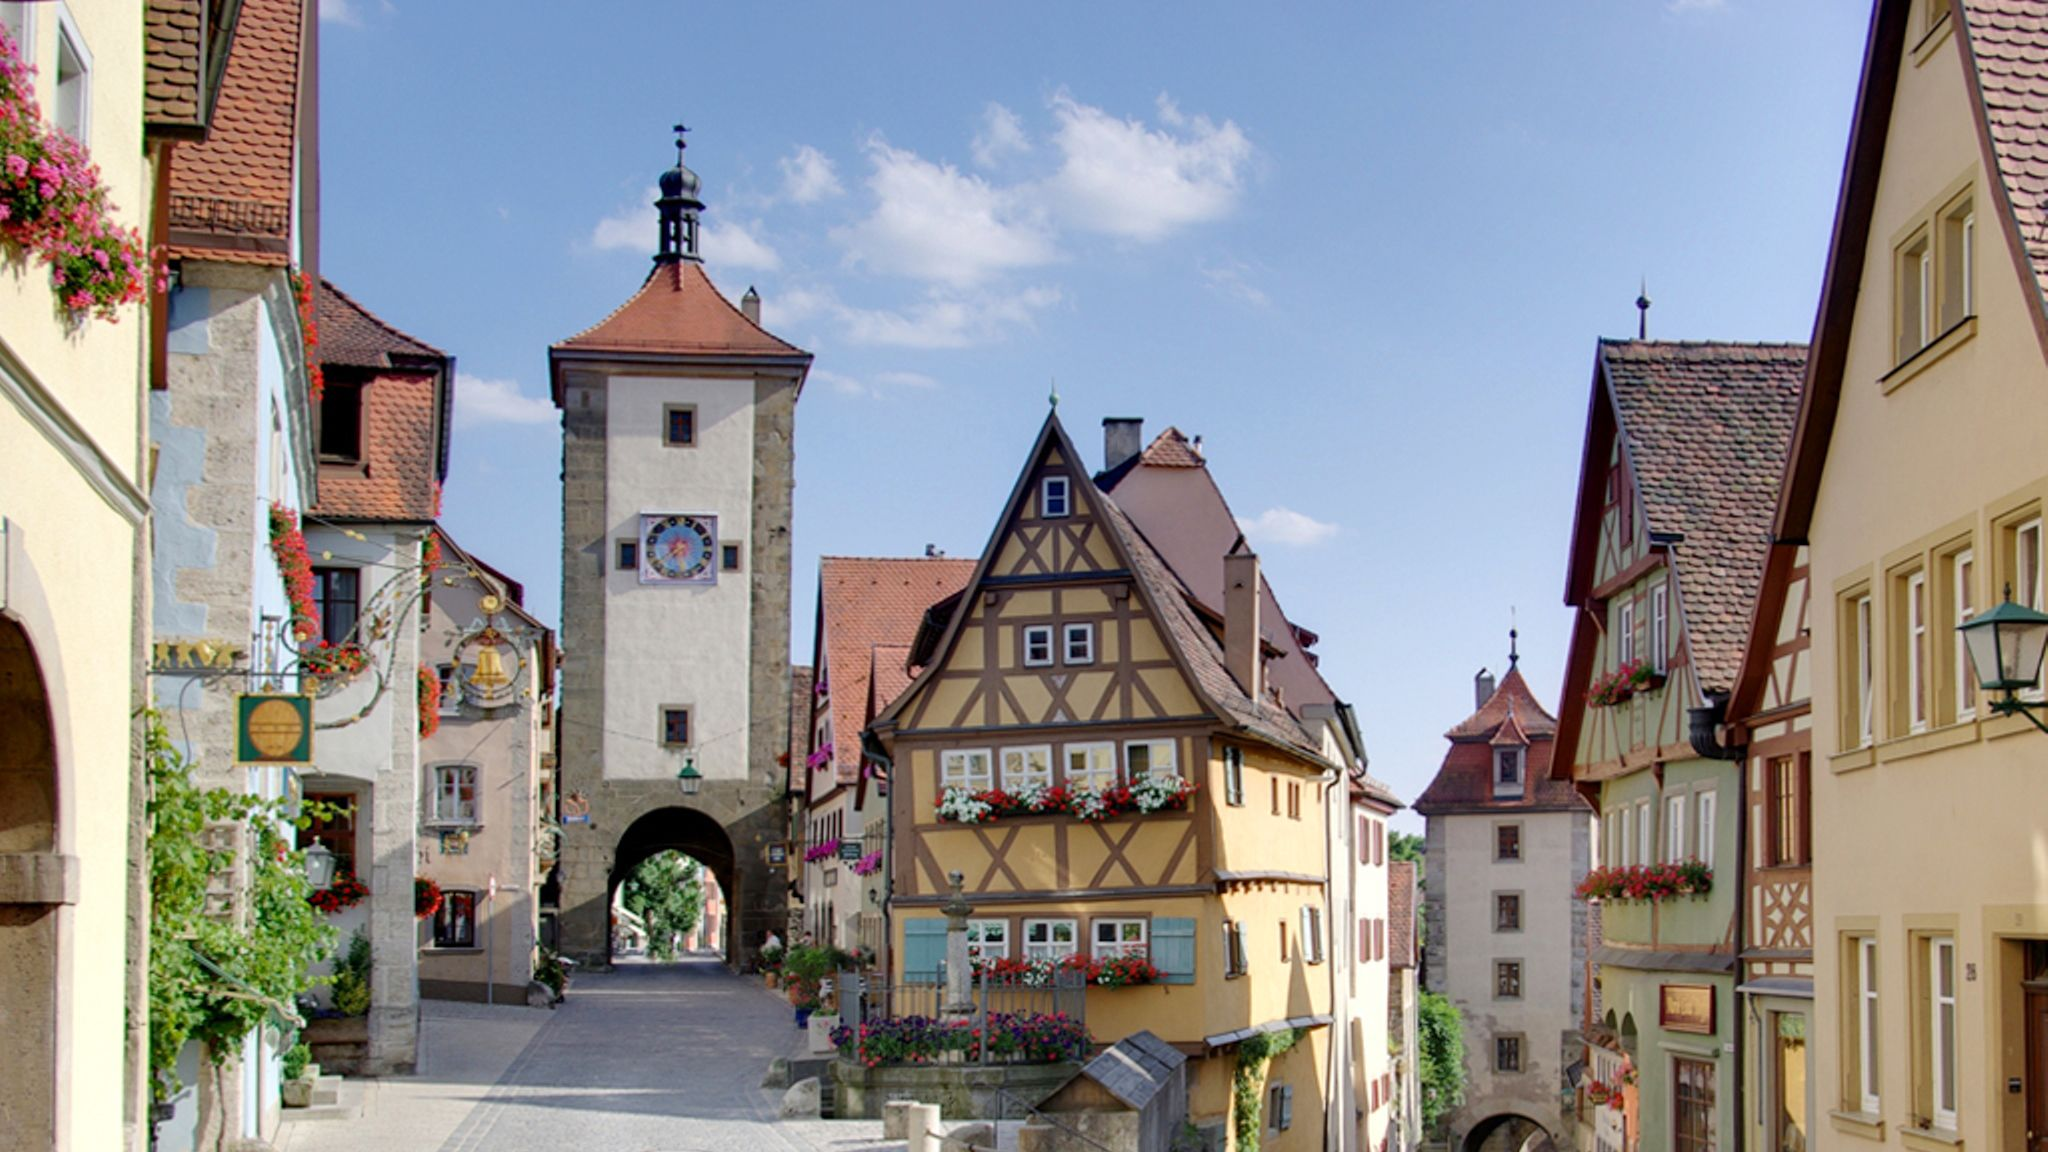 Excursion d'une journée à Rothenburg le long de la Route romantique